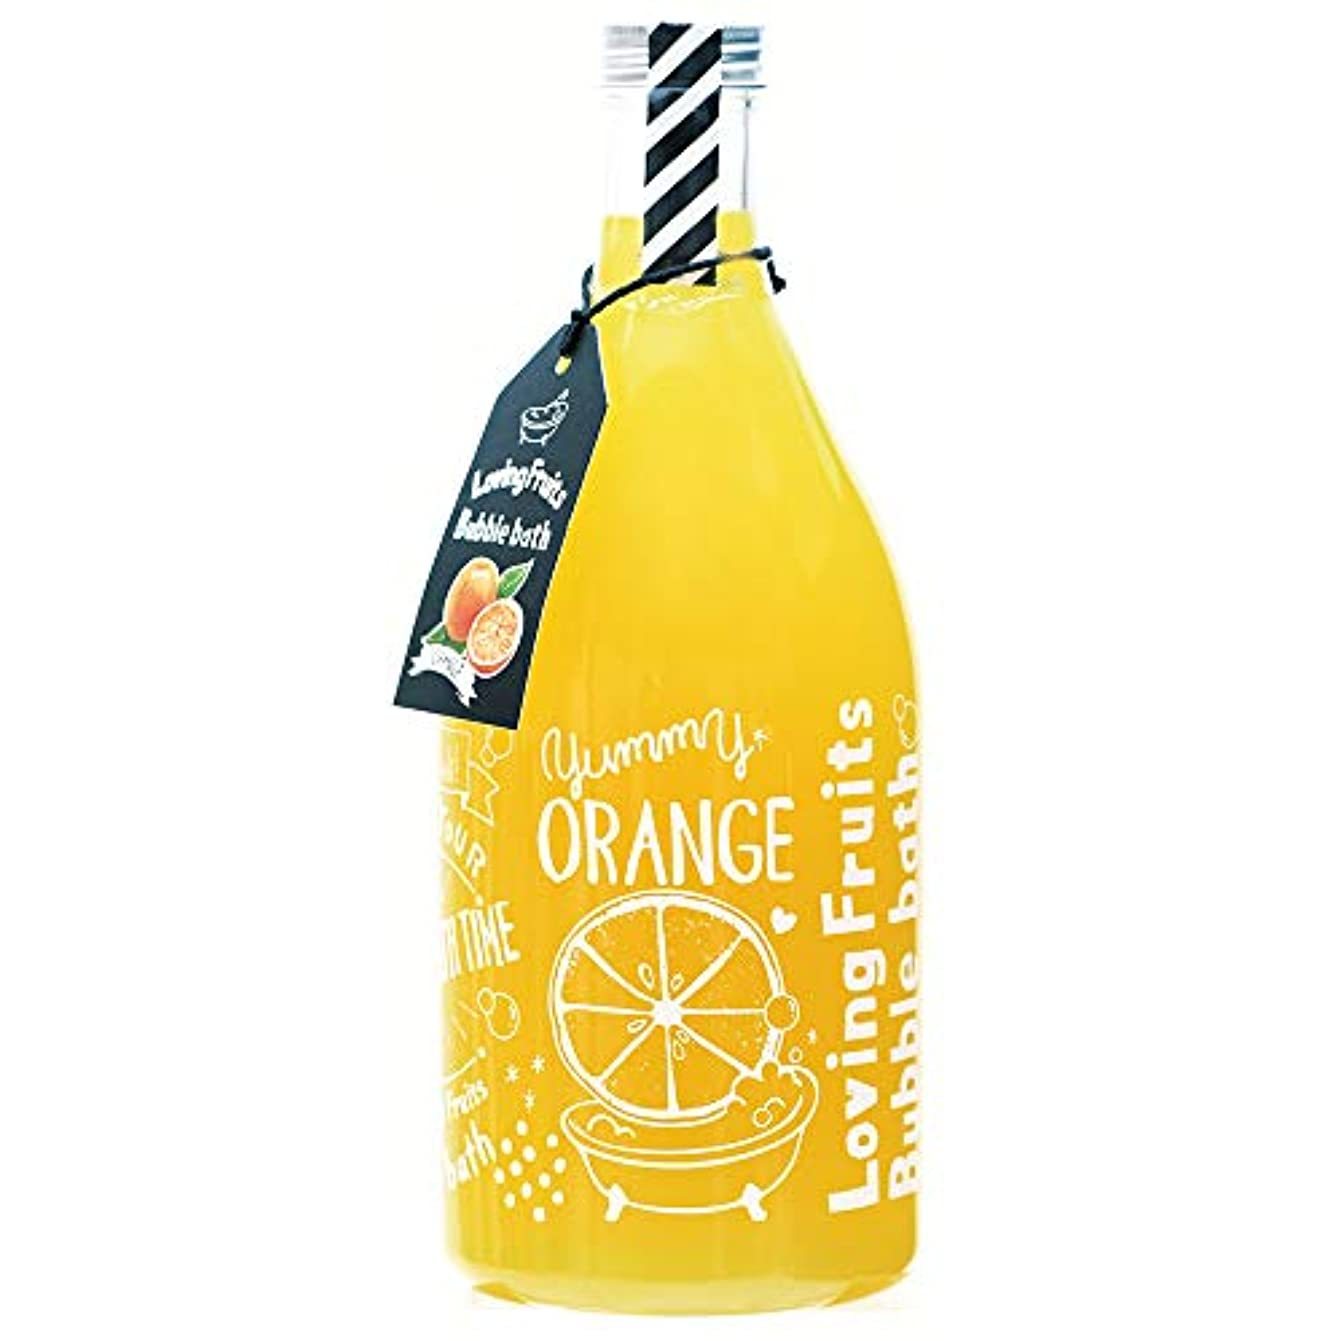 モバイル葉明るいノルコーポレーション バスジェル ラビングフルーツバブルバス OB-LFS-1-2 入浴剤 オレンジの香り 750ml